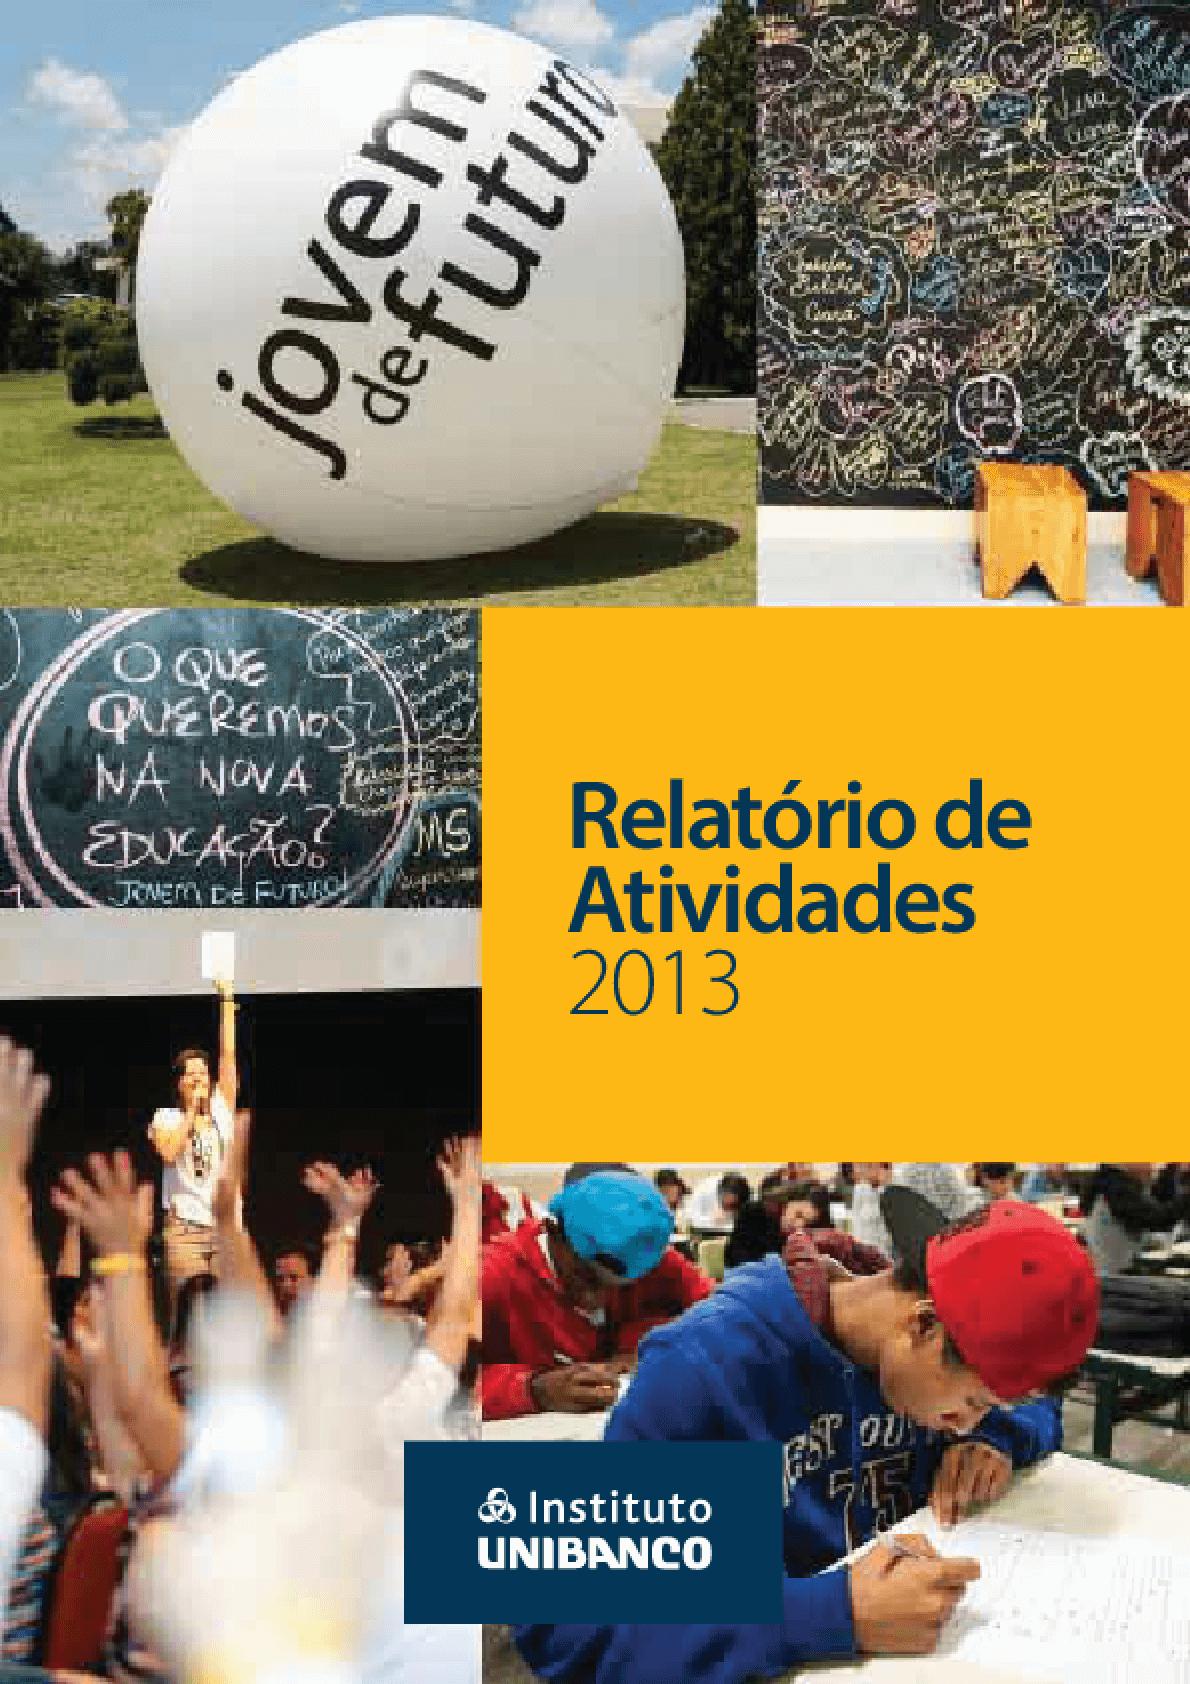 Relatório de atividades 2013 - Instituto Unibanco